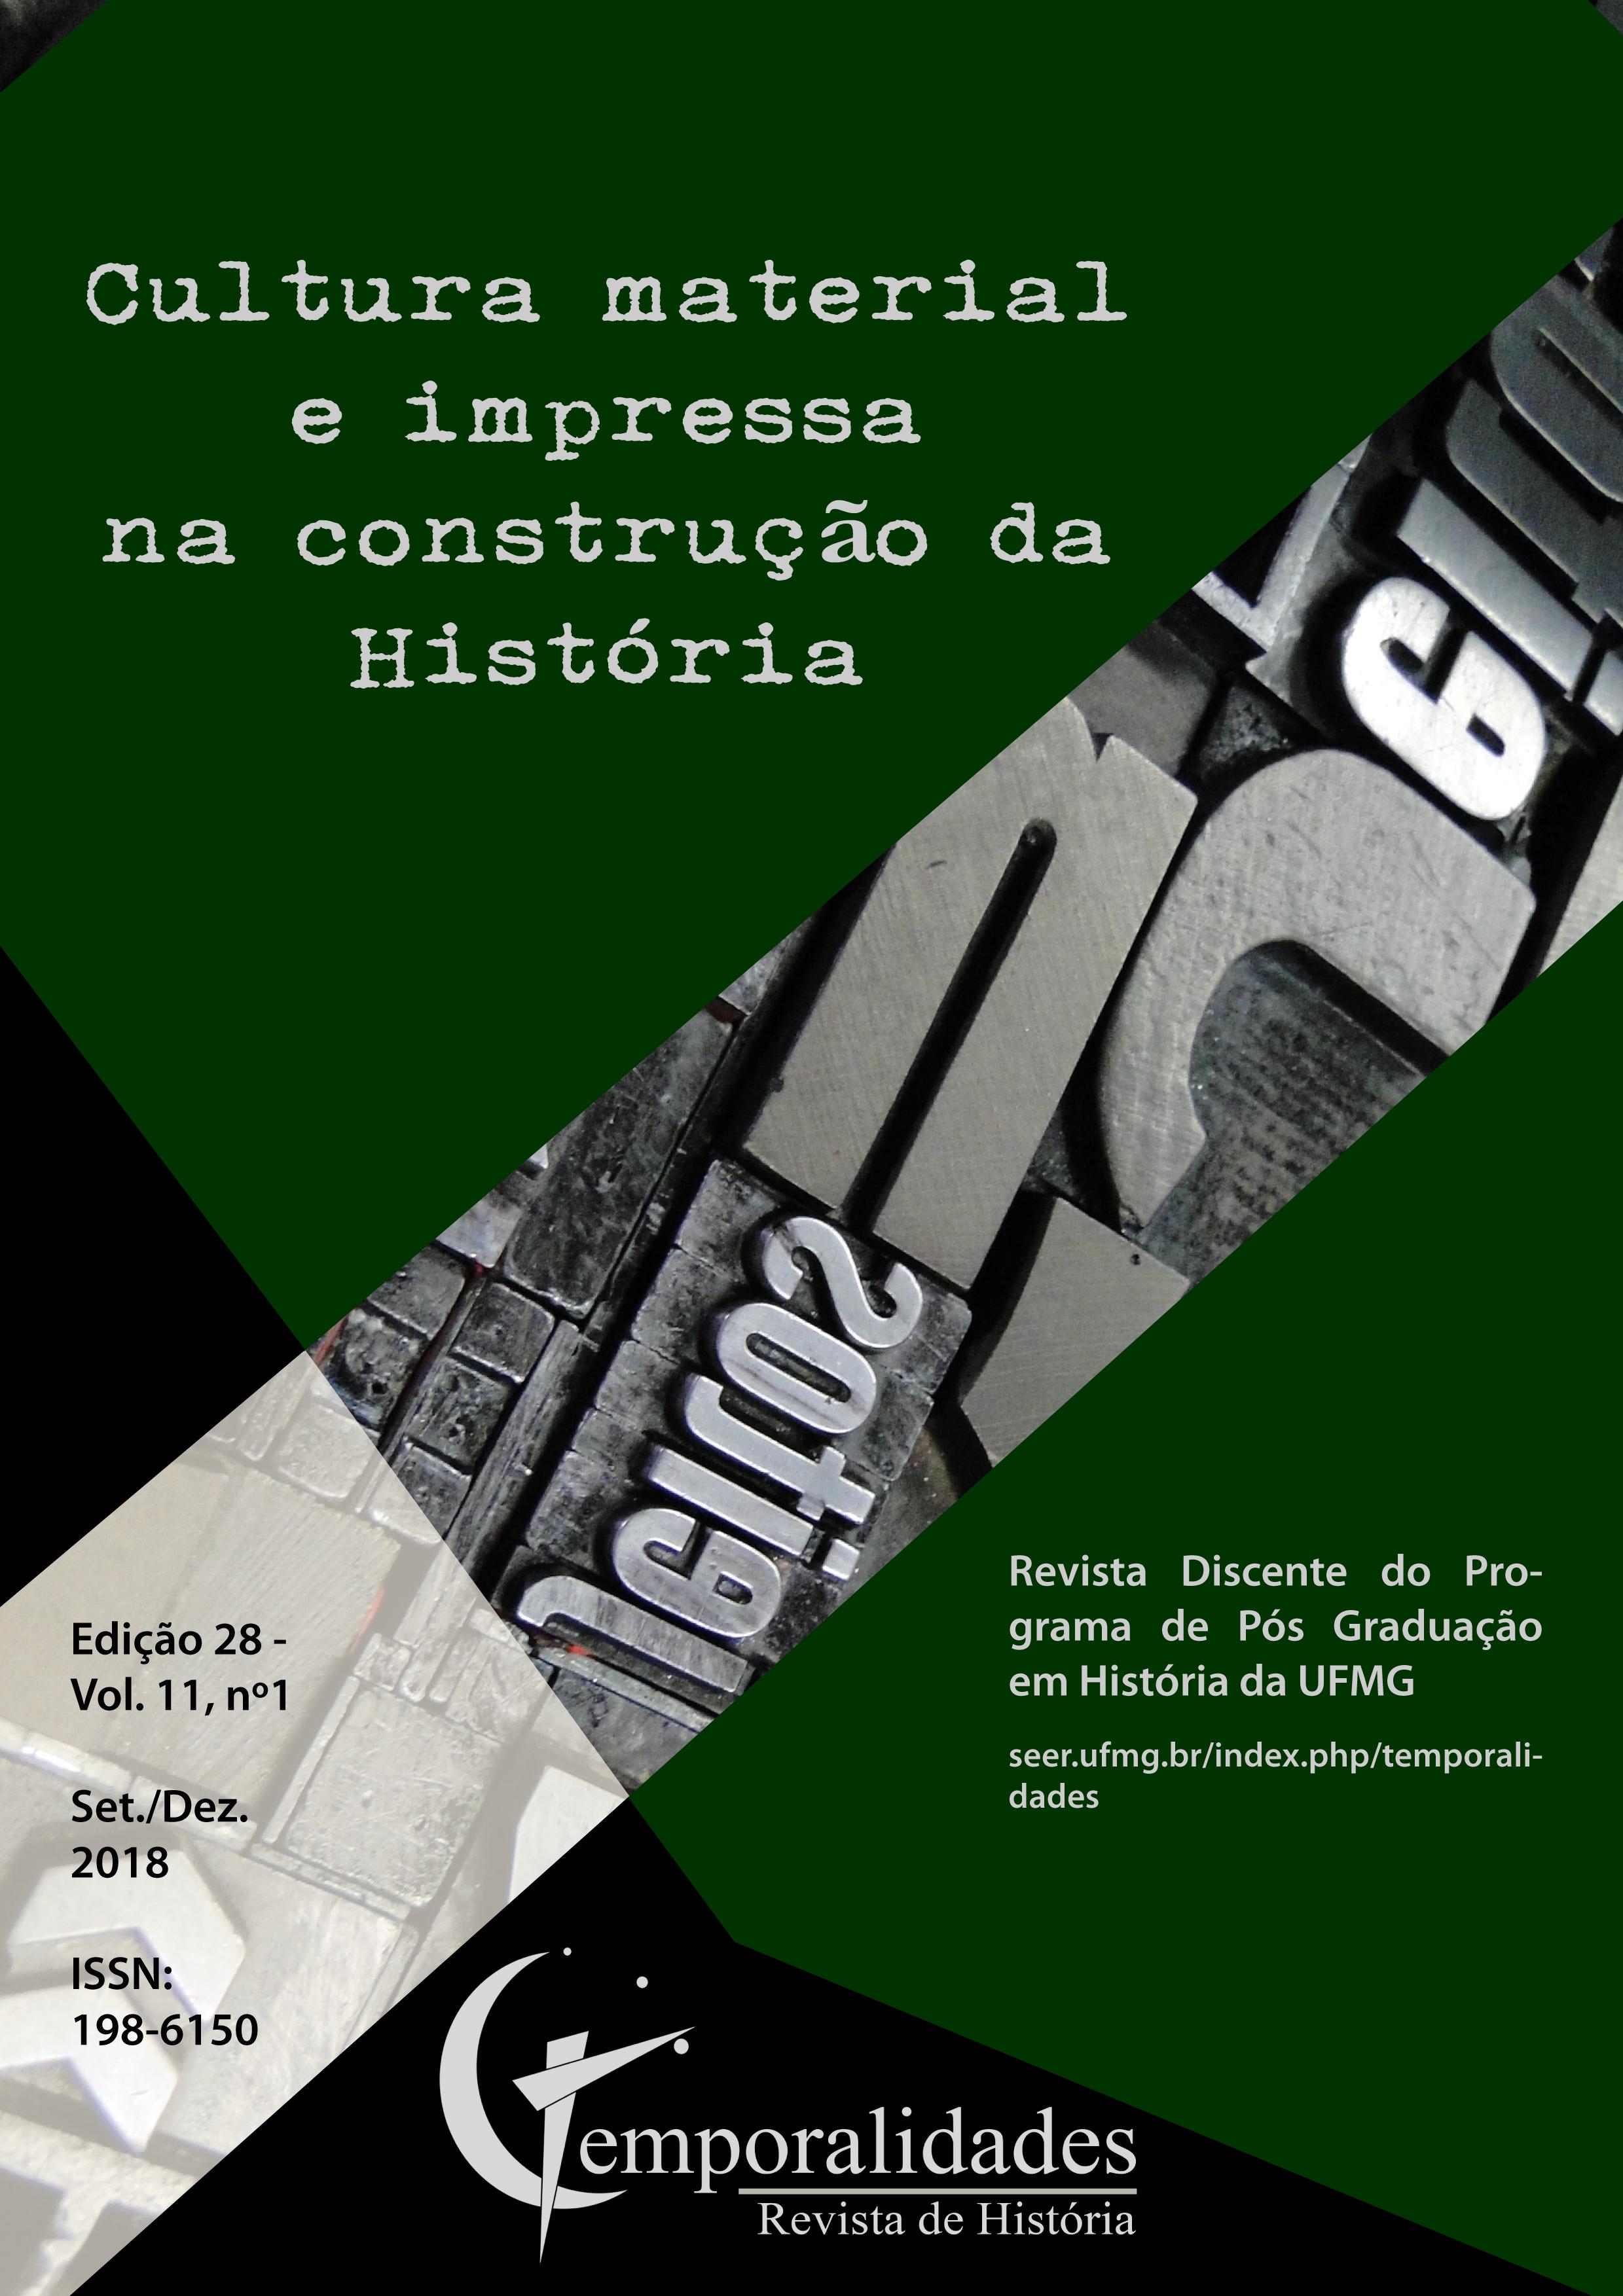 Visualizar v. 10 n. 3 (2018): Edição 28 - Temporalidades, Belo Horizonte, Vol. 10, n.3 (set./dez. 2018)